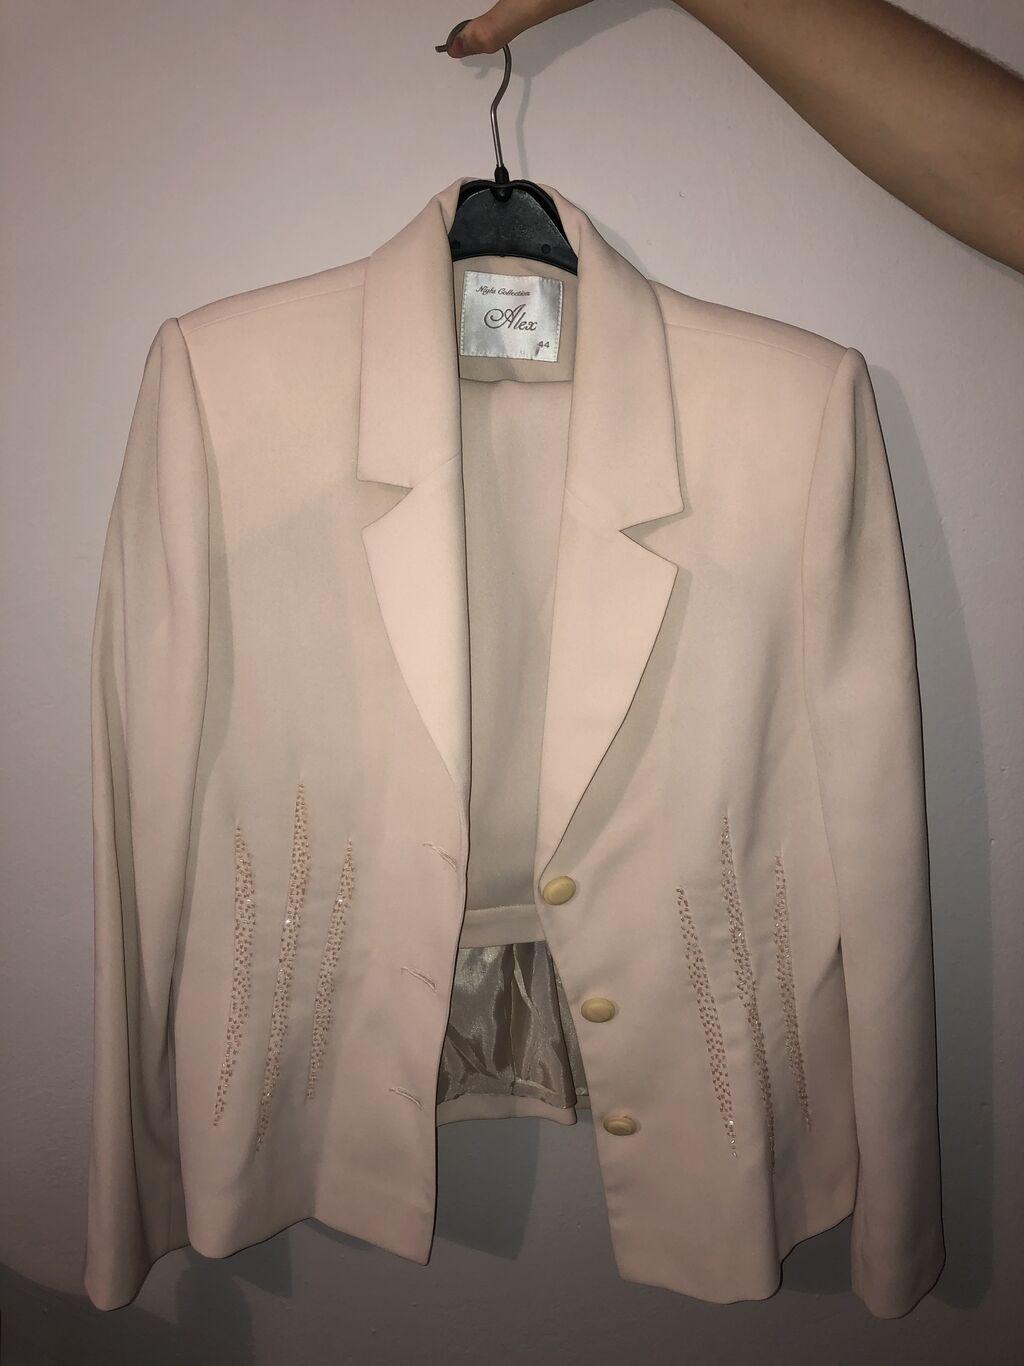 Komplet sako i suknja, velikčina 44, cena 2000, jednom nošeno, dobro očuvano, uz kupovinu ovog kompleta besplatna mirisljava kesica za plahar i 15% popusta na sledeću kupovinu